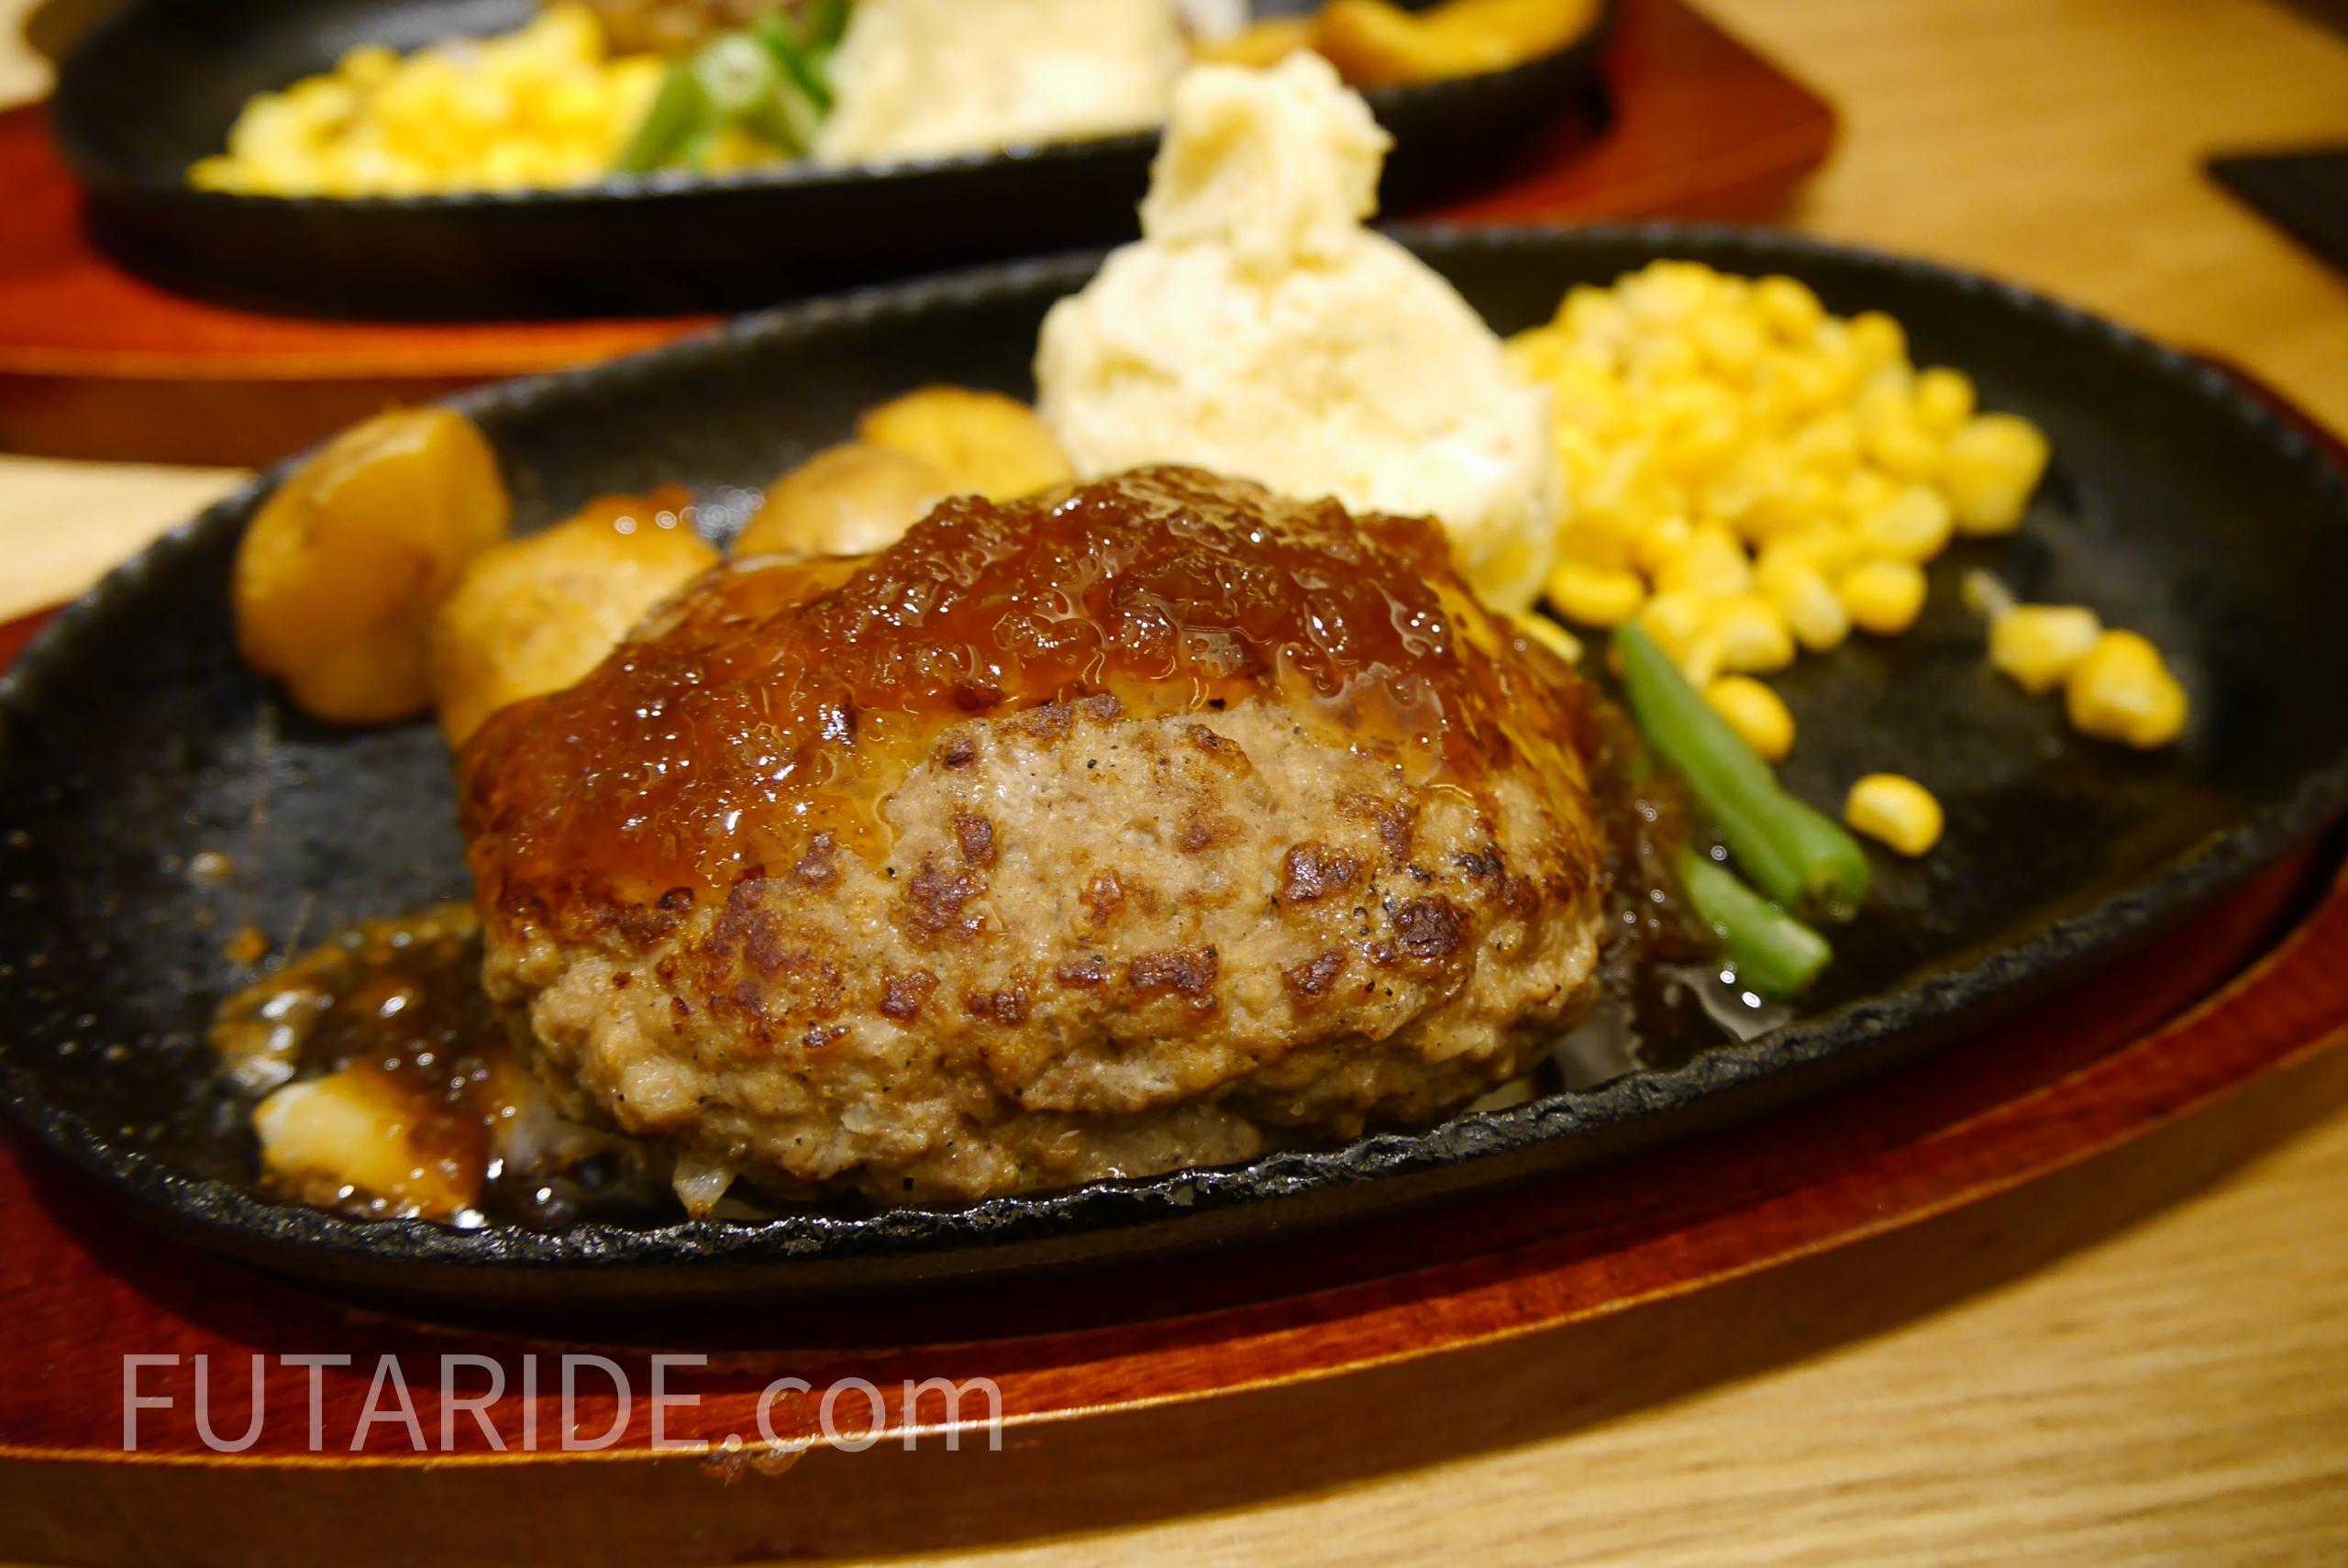 【よしみグリル】コスパ最強!1000円で食べられる肉汁たっぷりハンバーグ【名古屋パルコ】